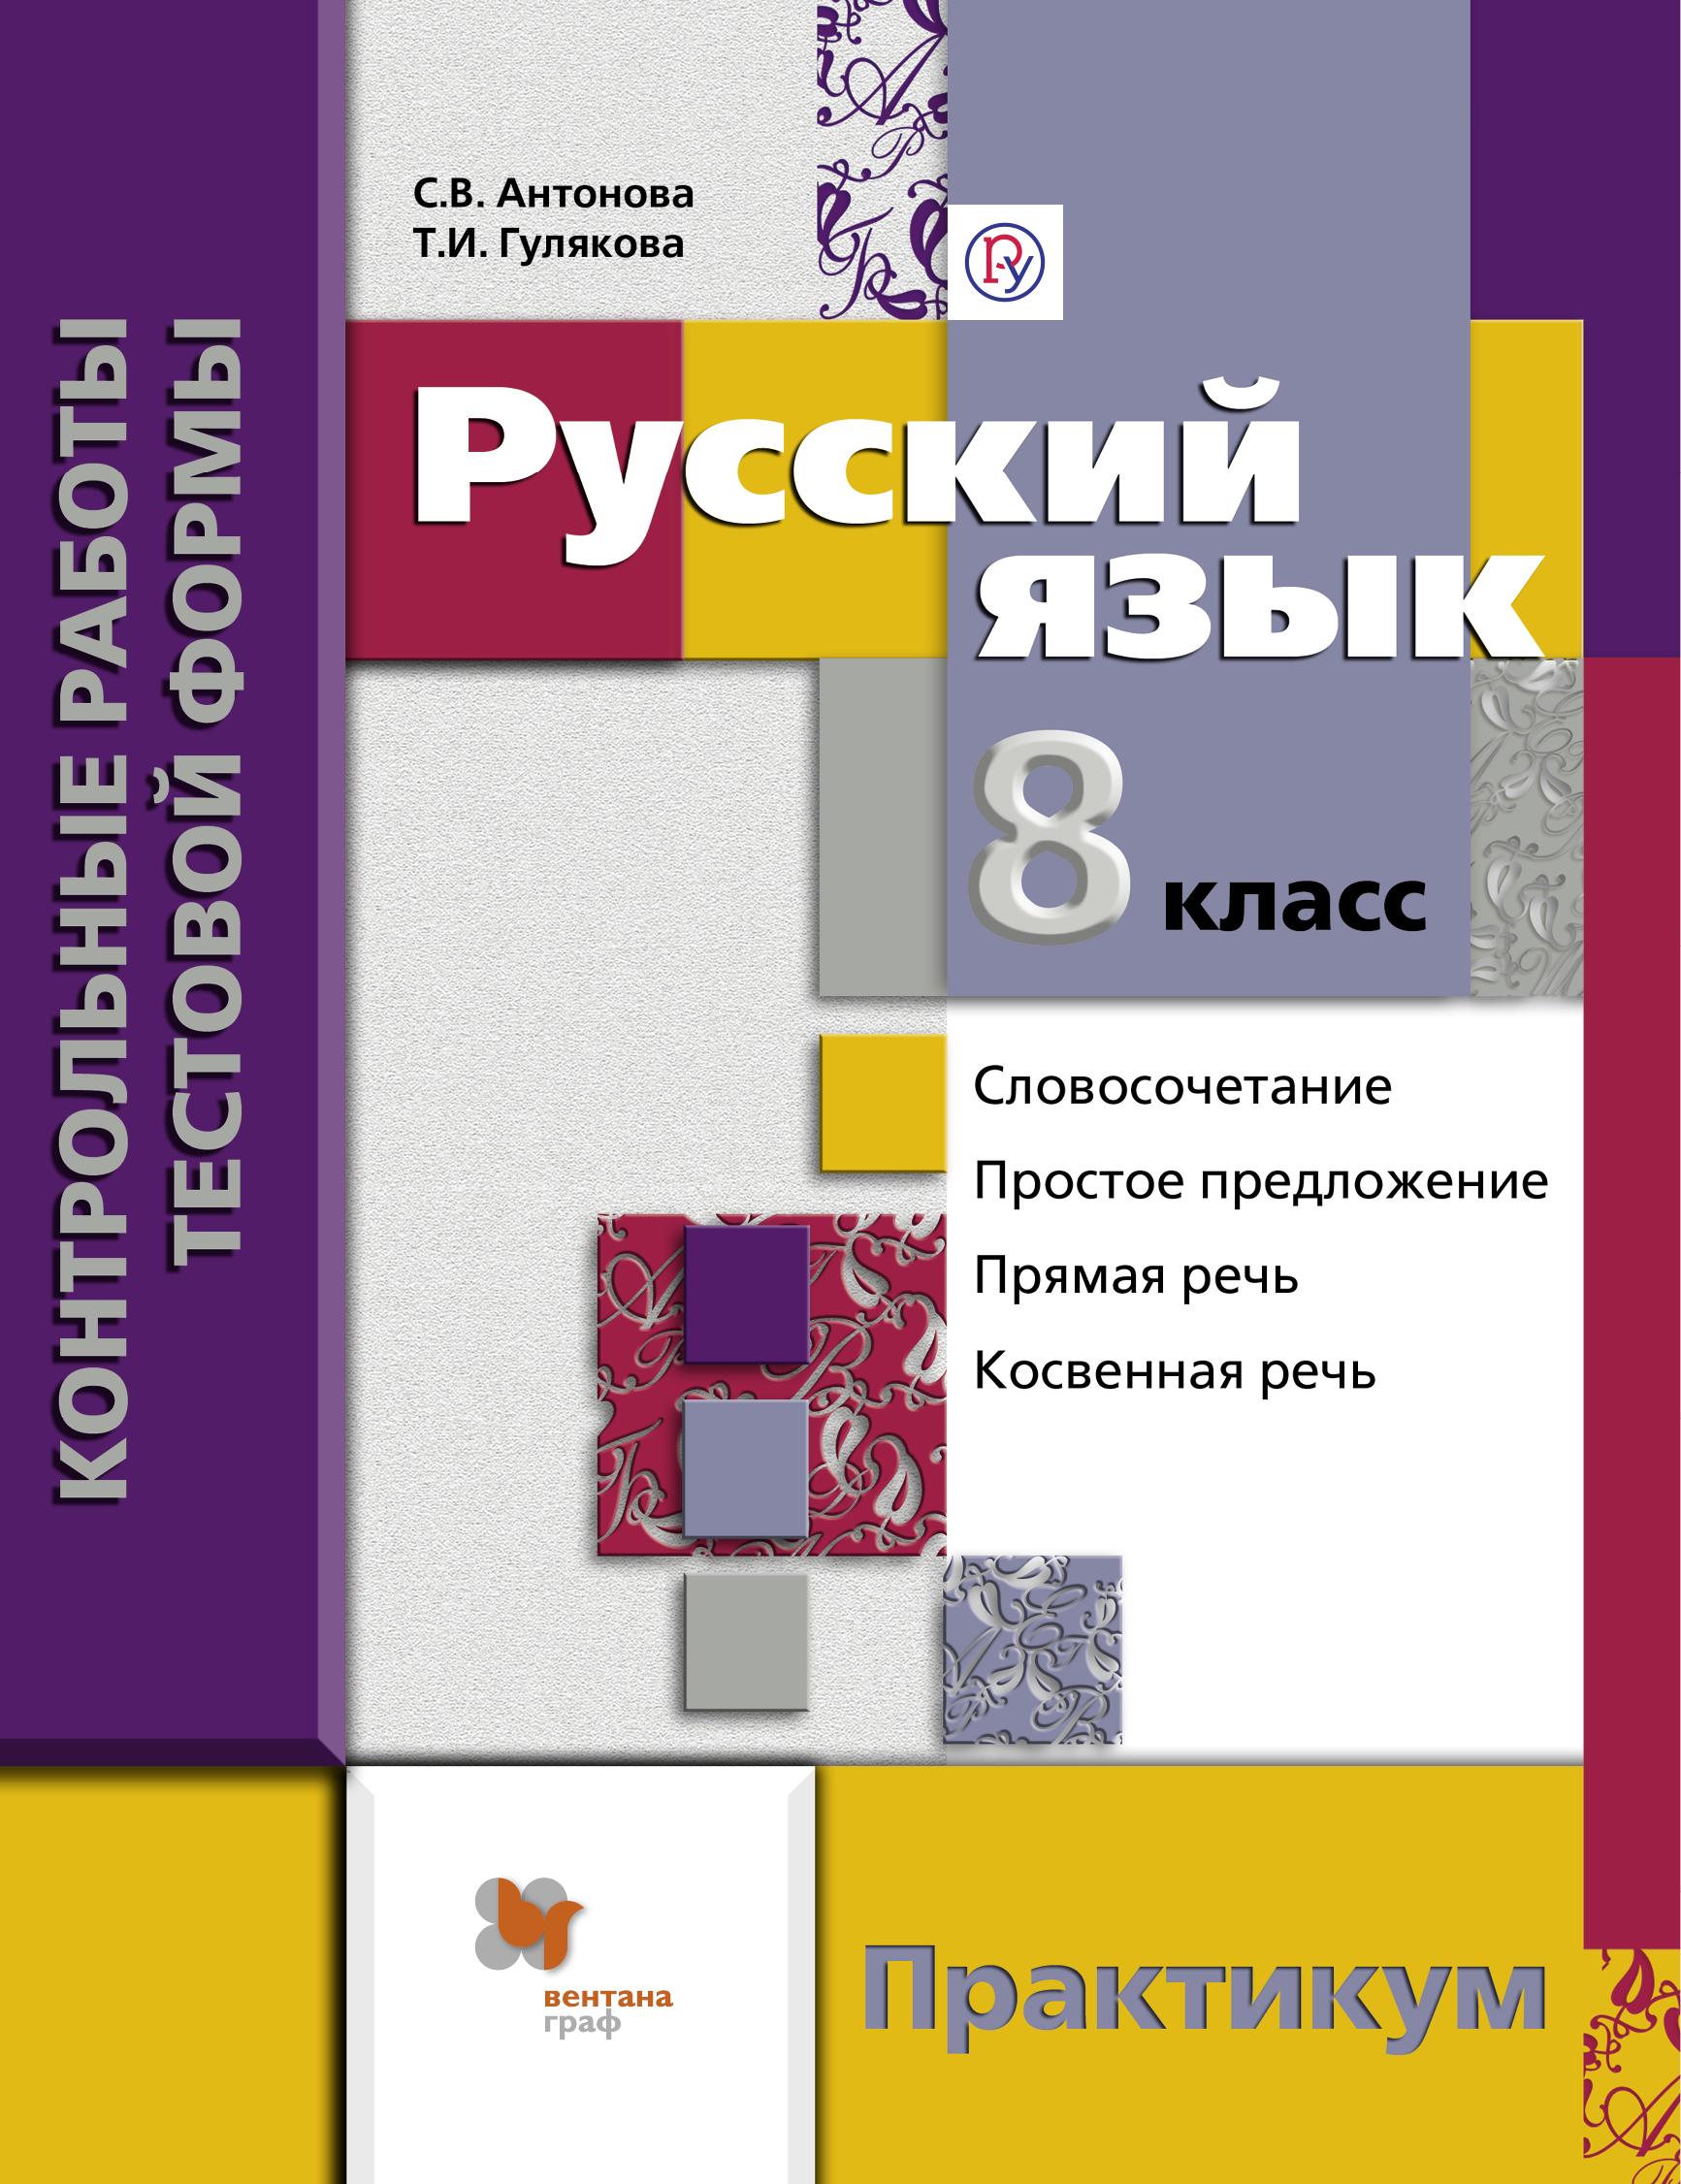 Русский язык. 8класс. Контрольные работы тестовой формы. Практикум